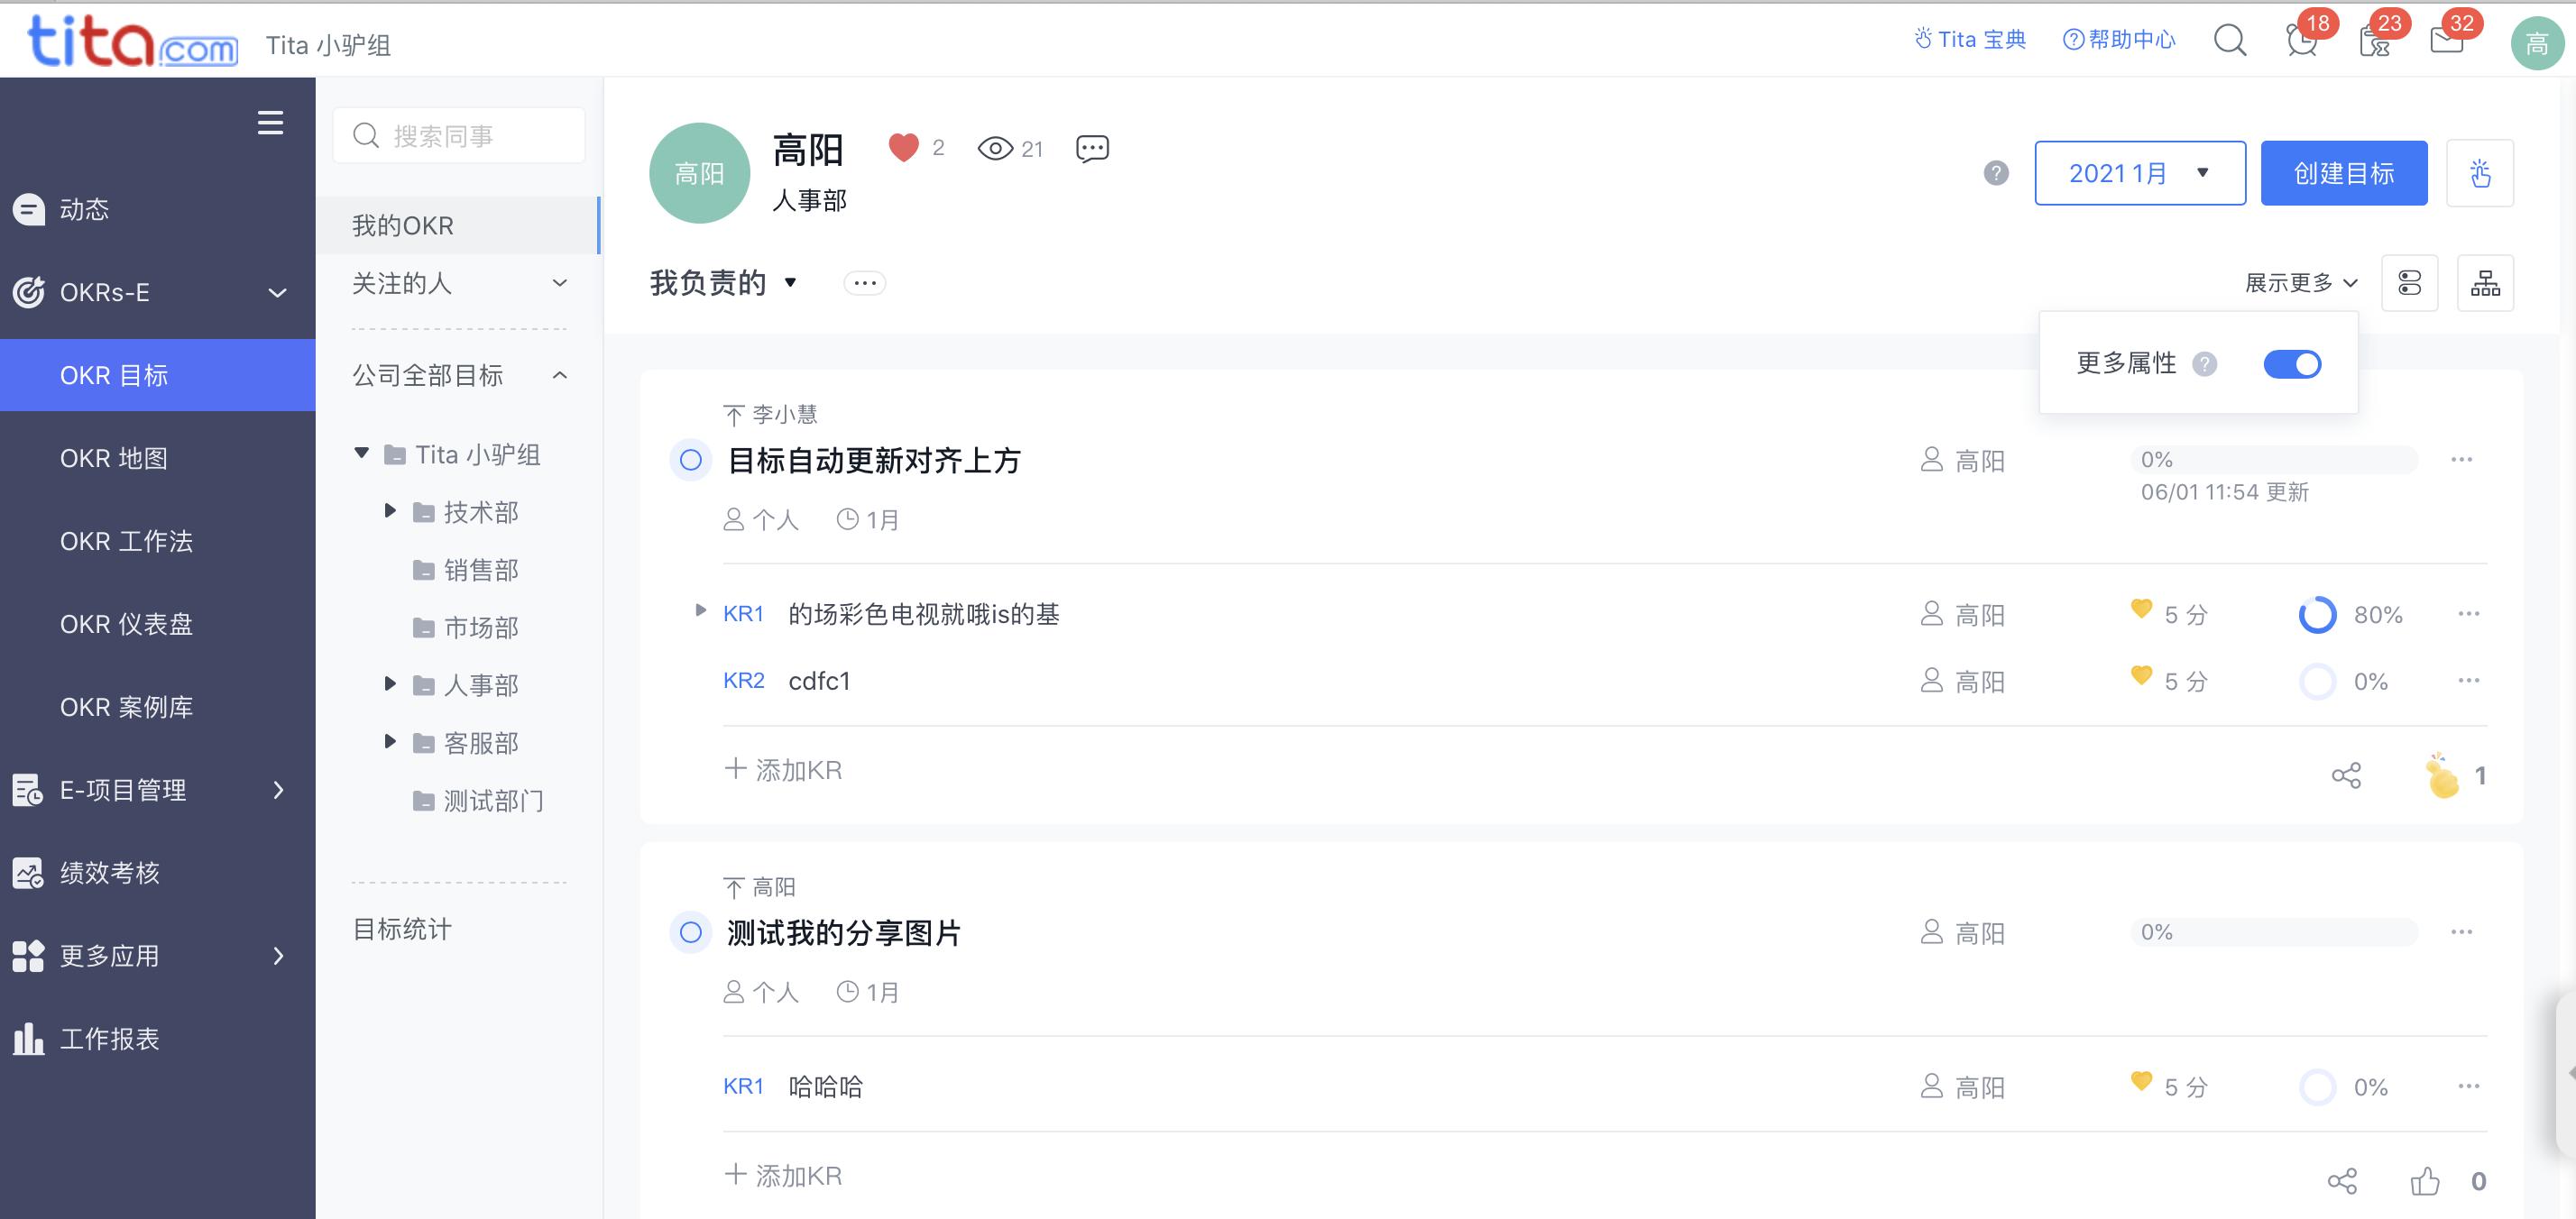 tita.com 升级 | OKR完成度支持自动更新~